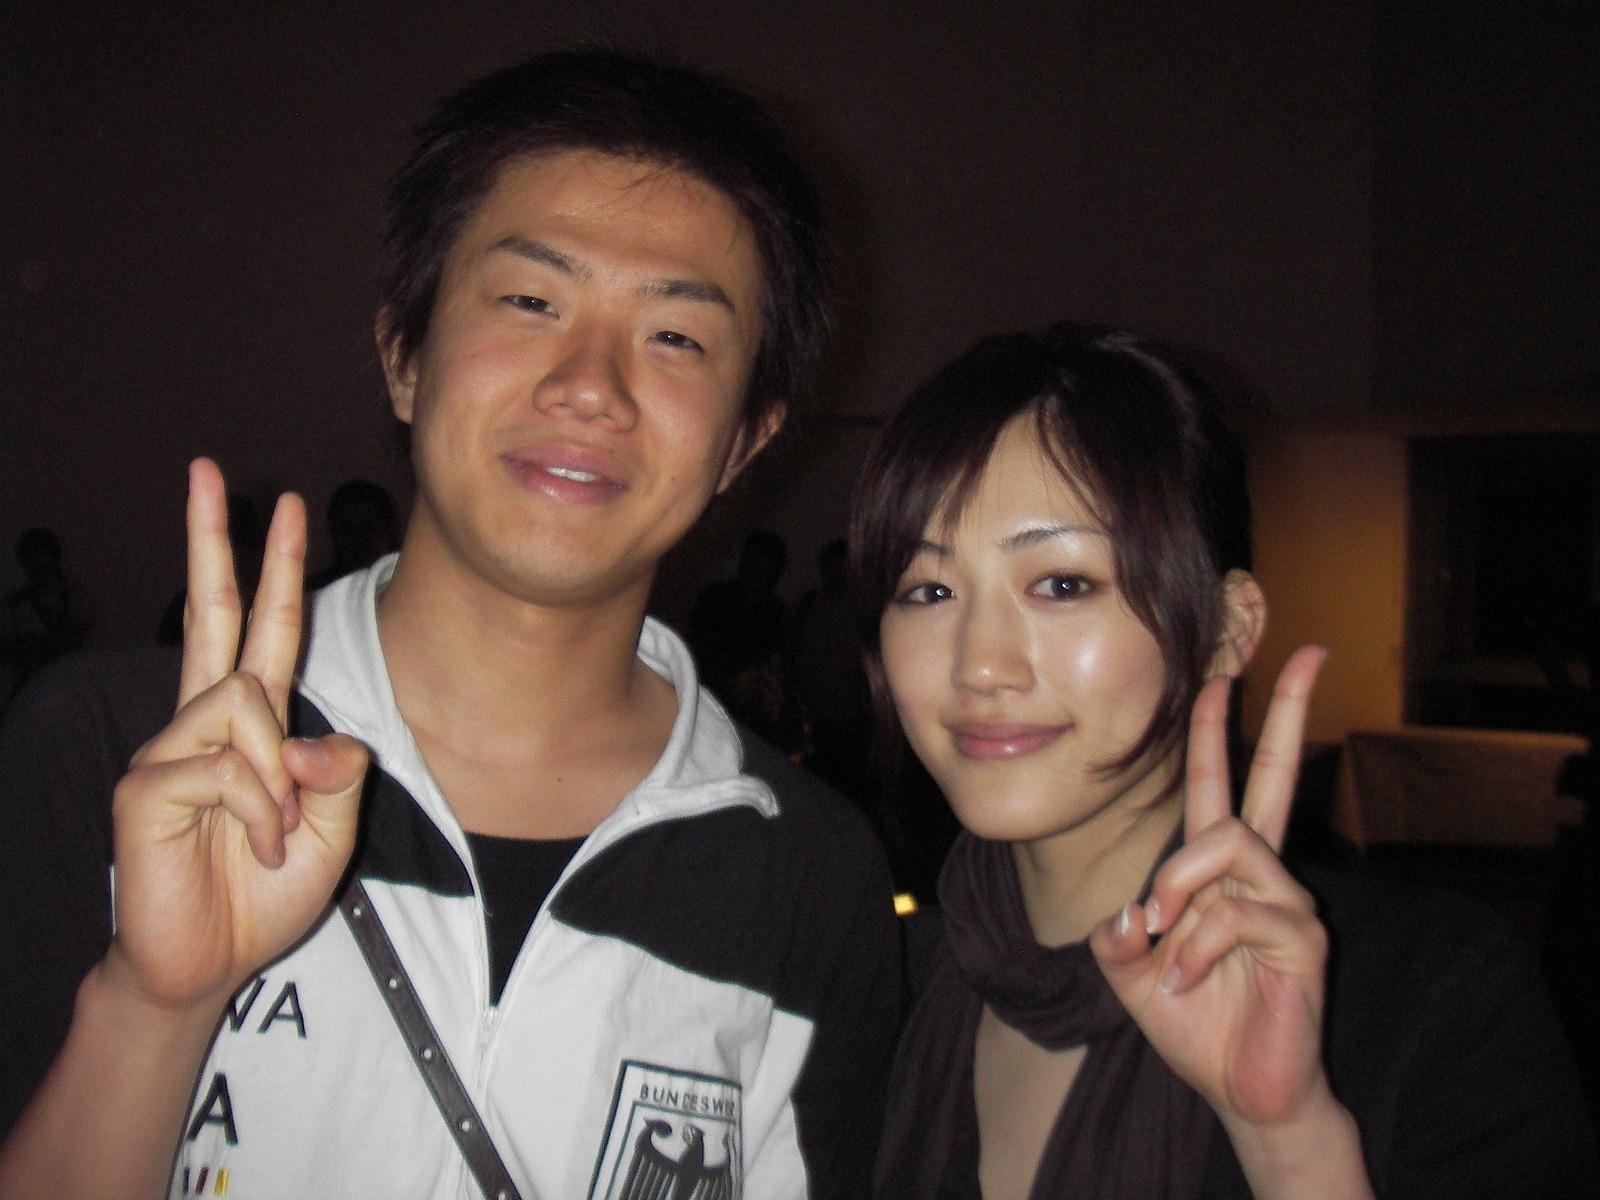 ウィニー流出画像 EXERA 佐野泰臣 金八先生で有名な芸能人のパソコンがウィルスに感染し、P2Pでファイル流出